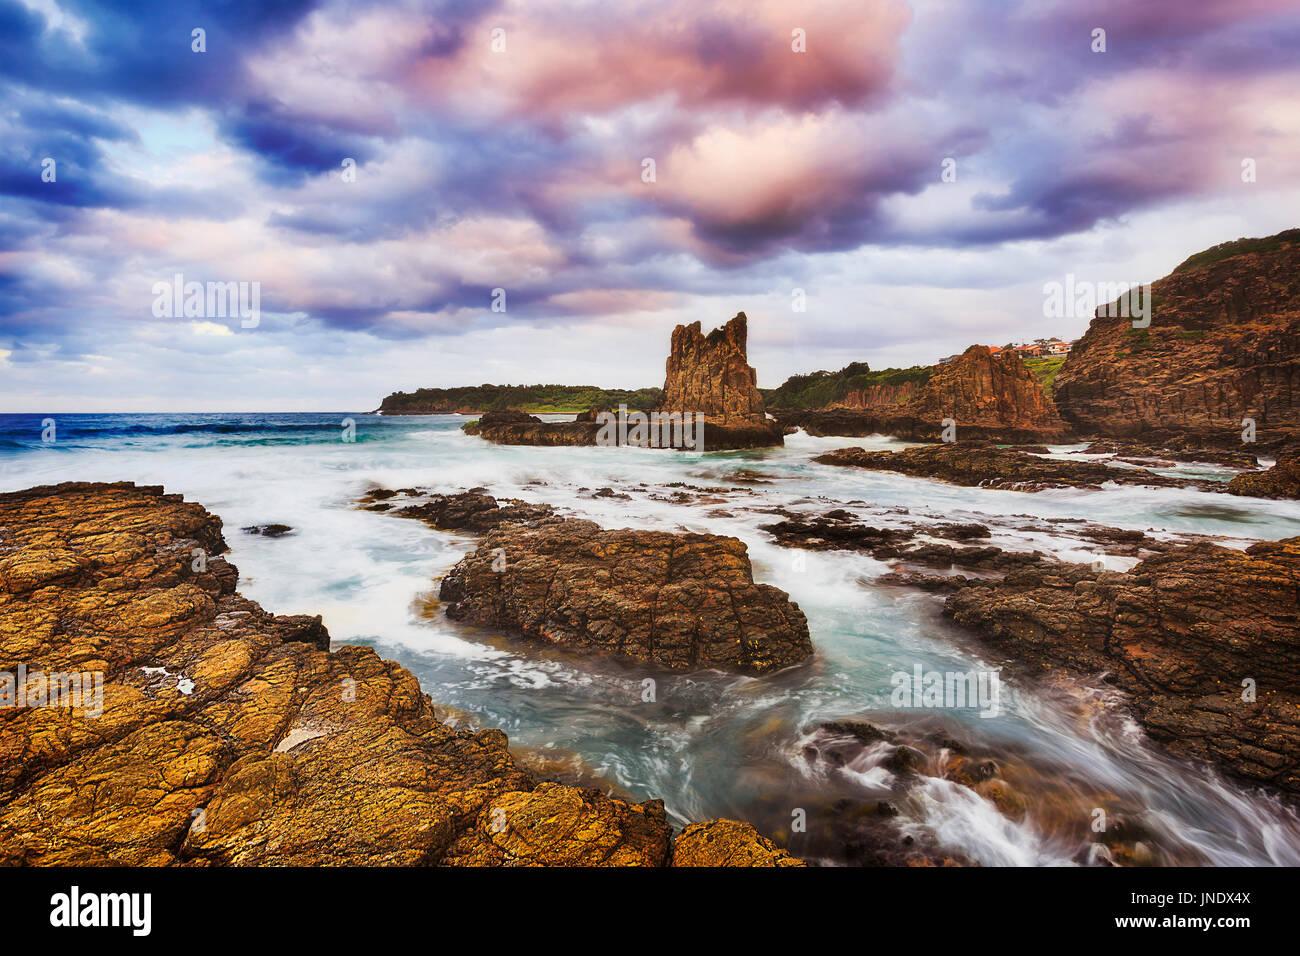 Côte rocheuses autour de la plage de bombo dans Kiama ville sur la côte du Pacifique de l'Australie. Flux surf floue à terre des falaises de grès érodé et cathédrale boul Photo Stock